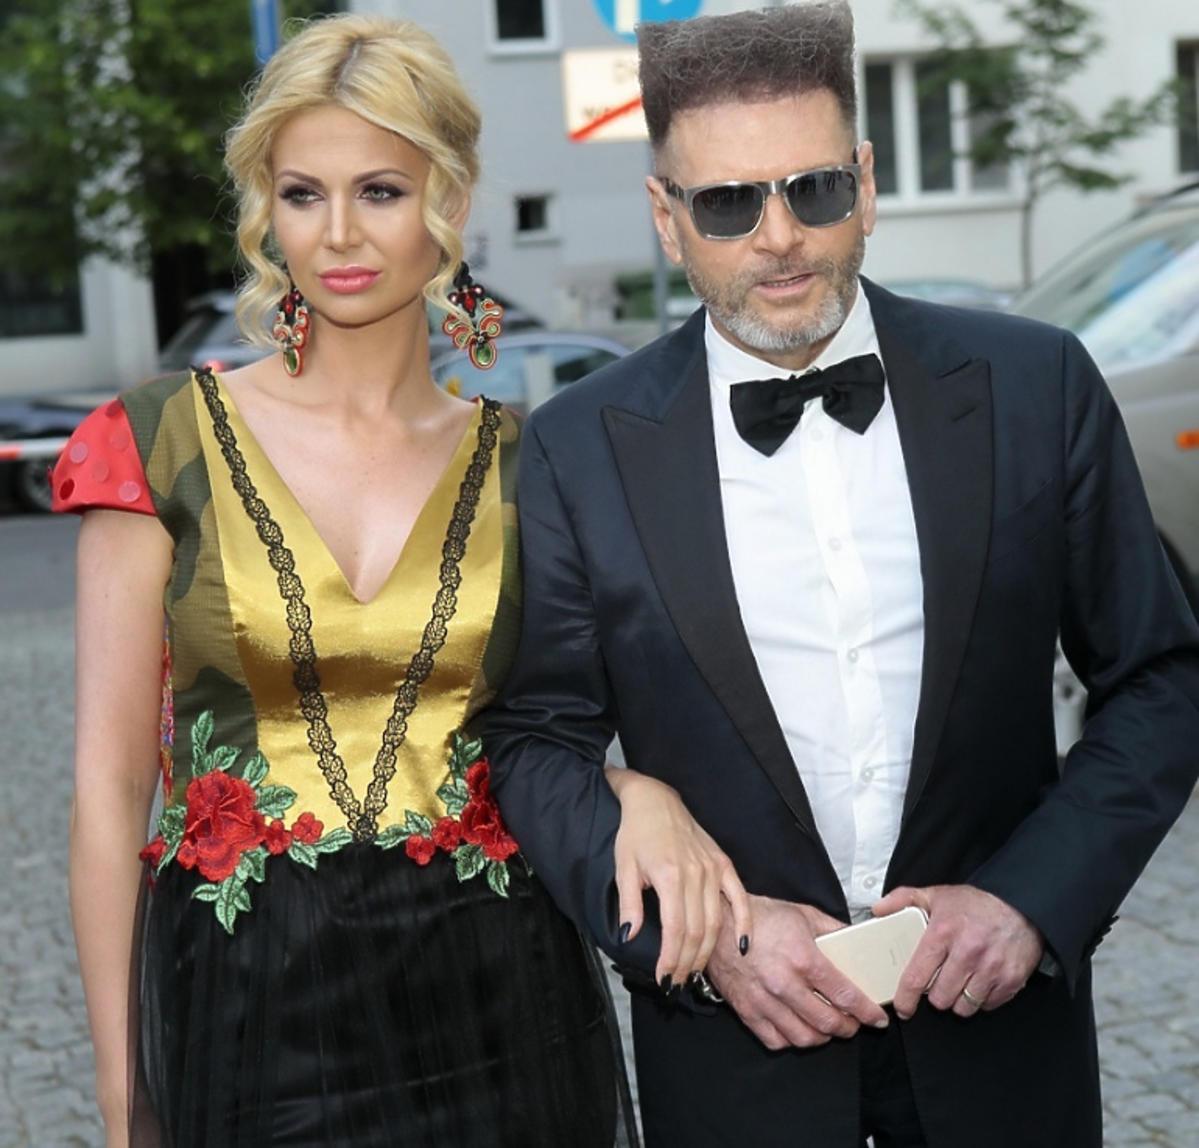 Maja Plich w kolorowej sukni, Krzysztof Rutkowski w czarnym smokingu